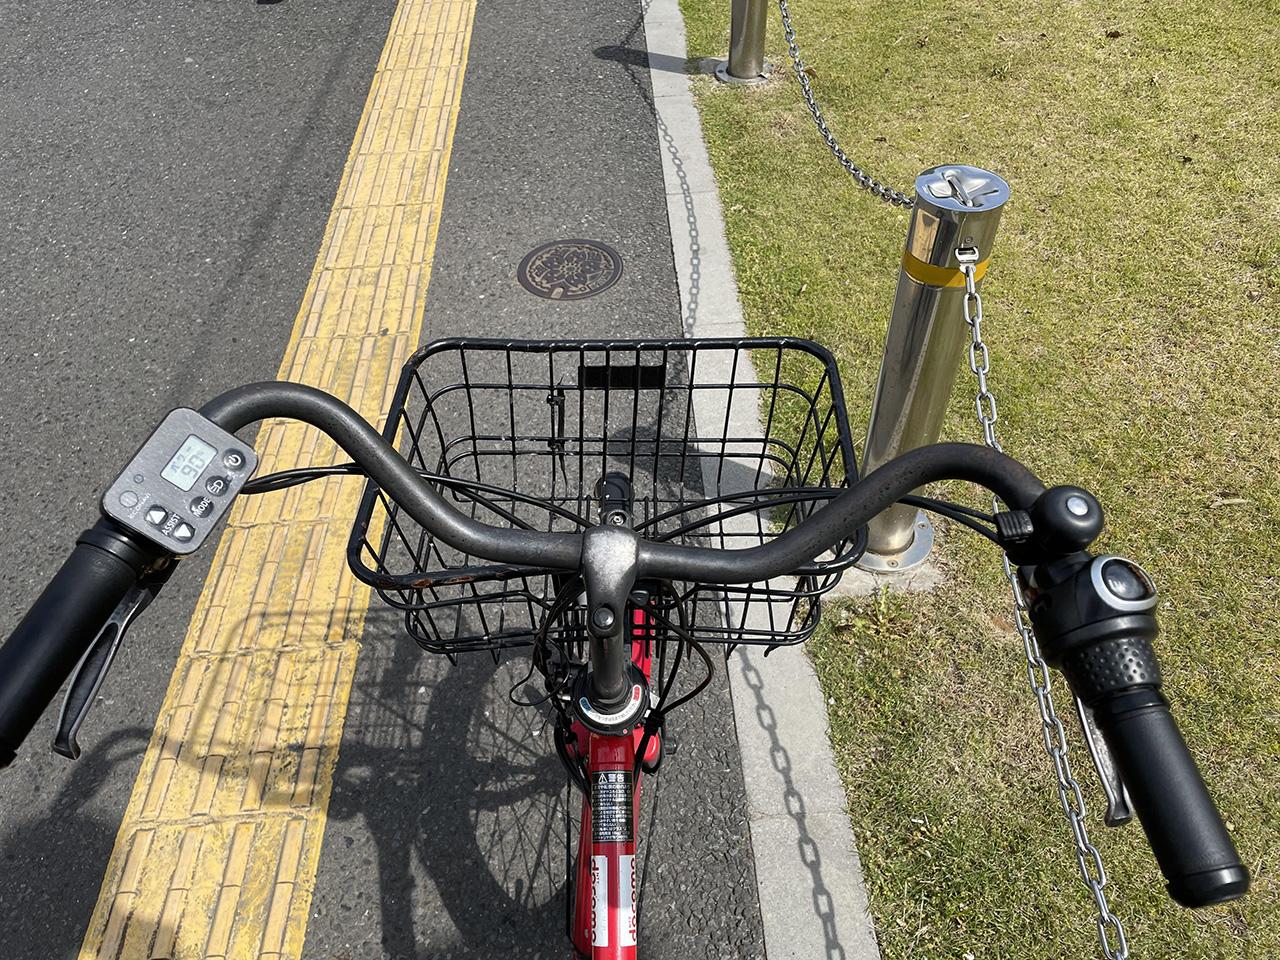 登録する自転車の写真